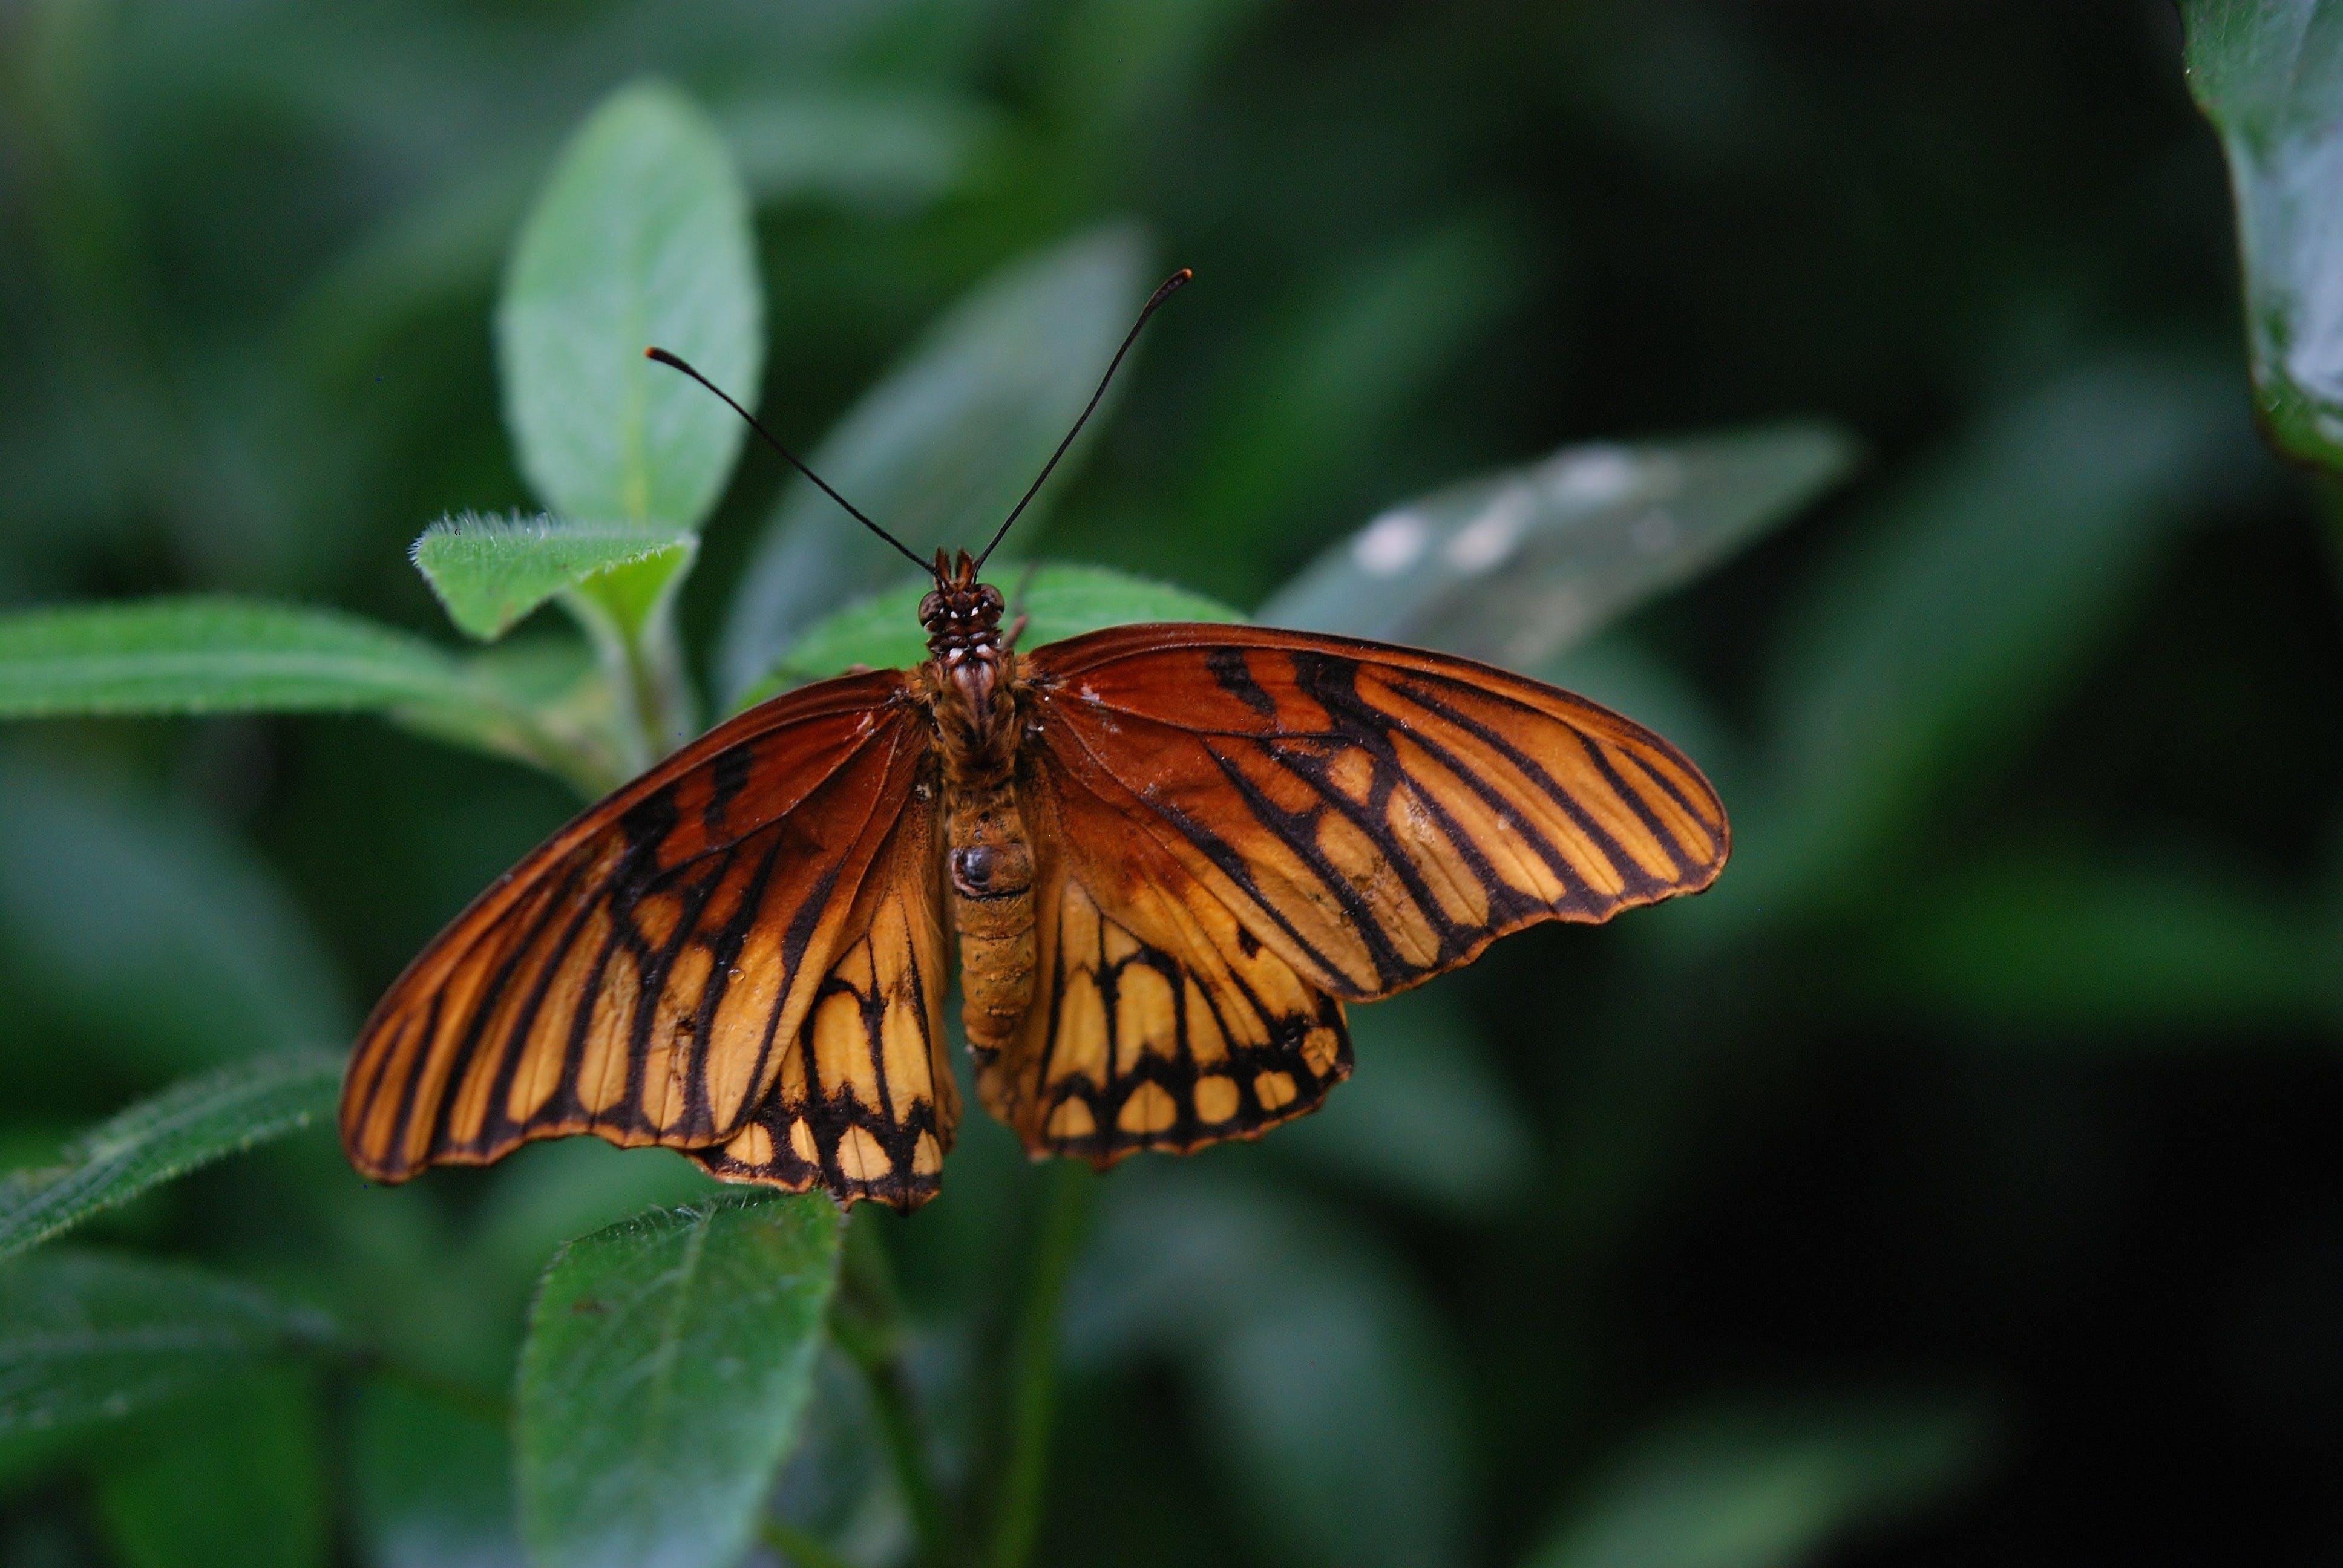 곤충, 나비, 매크로, 클로즈업의 무료 스톡 사진